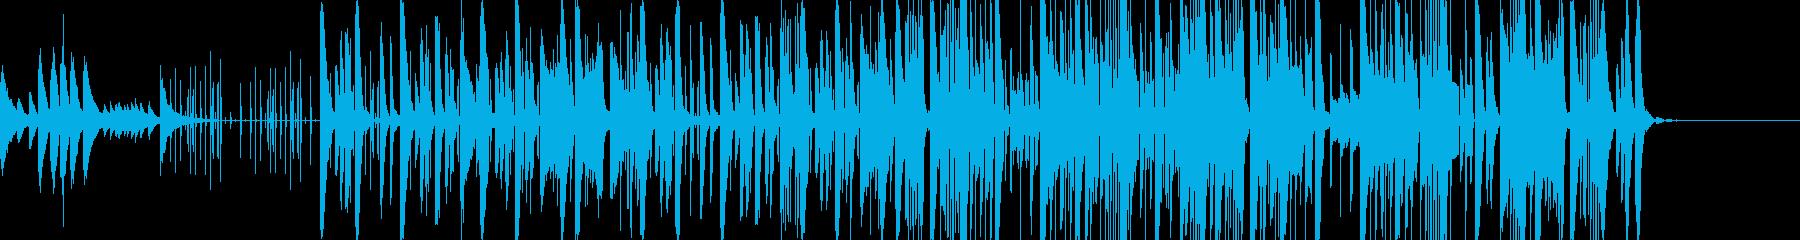 オリエンタルでポップなピアノが響くテクノの再生済みの波形